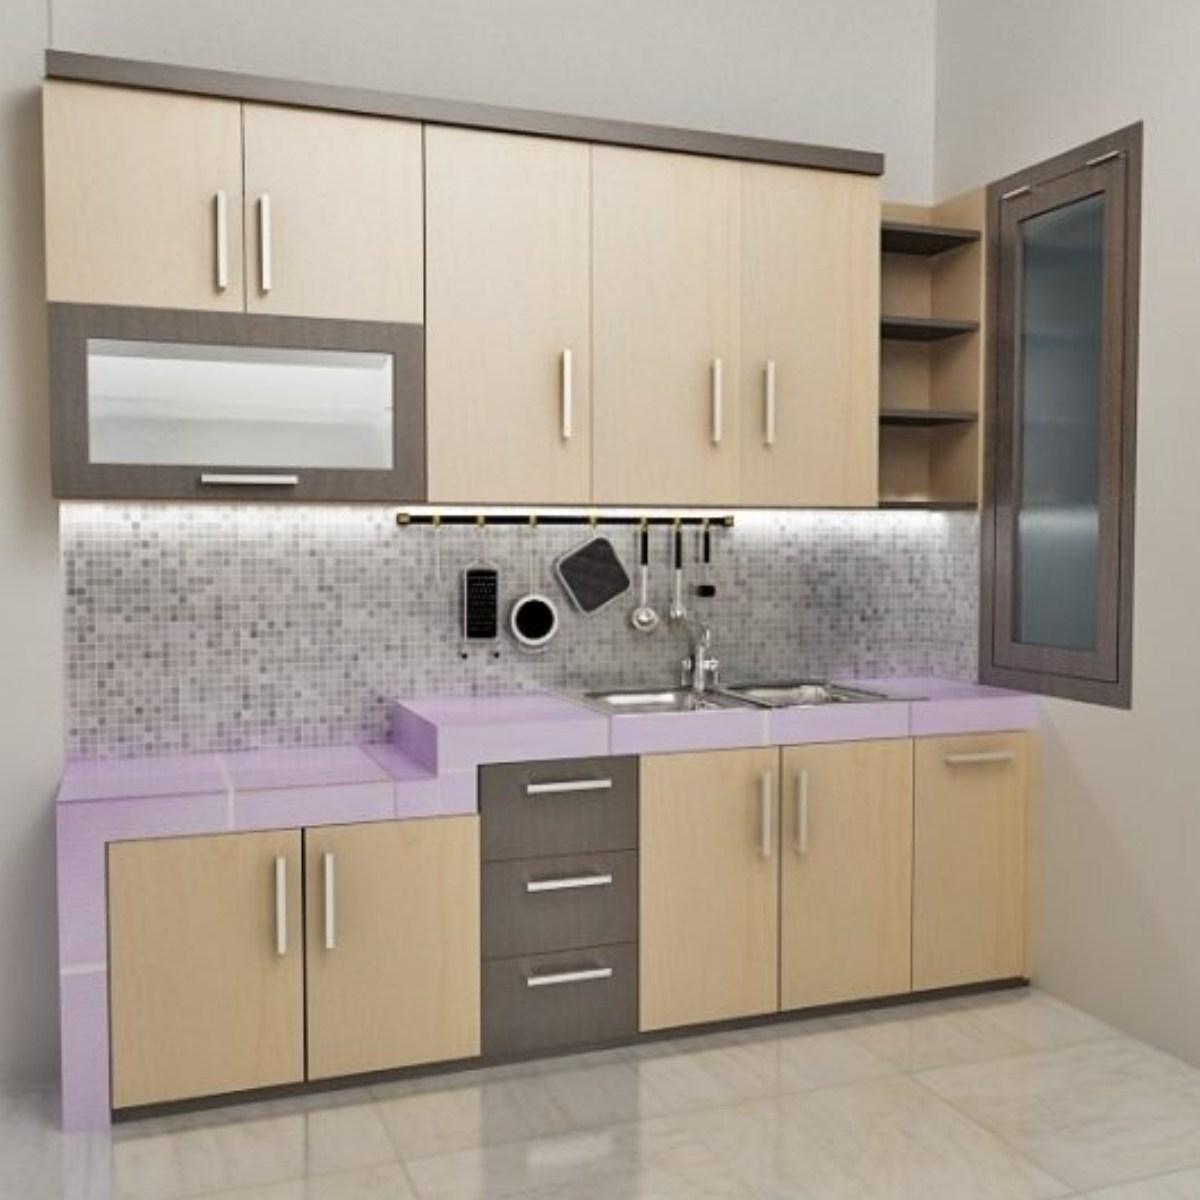 harga kitchen set per meter lari